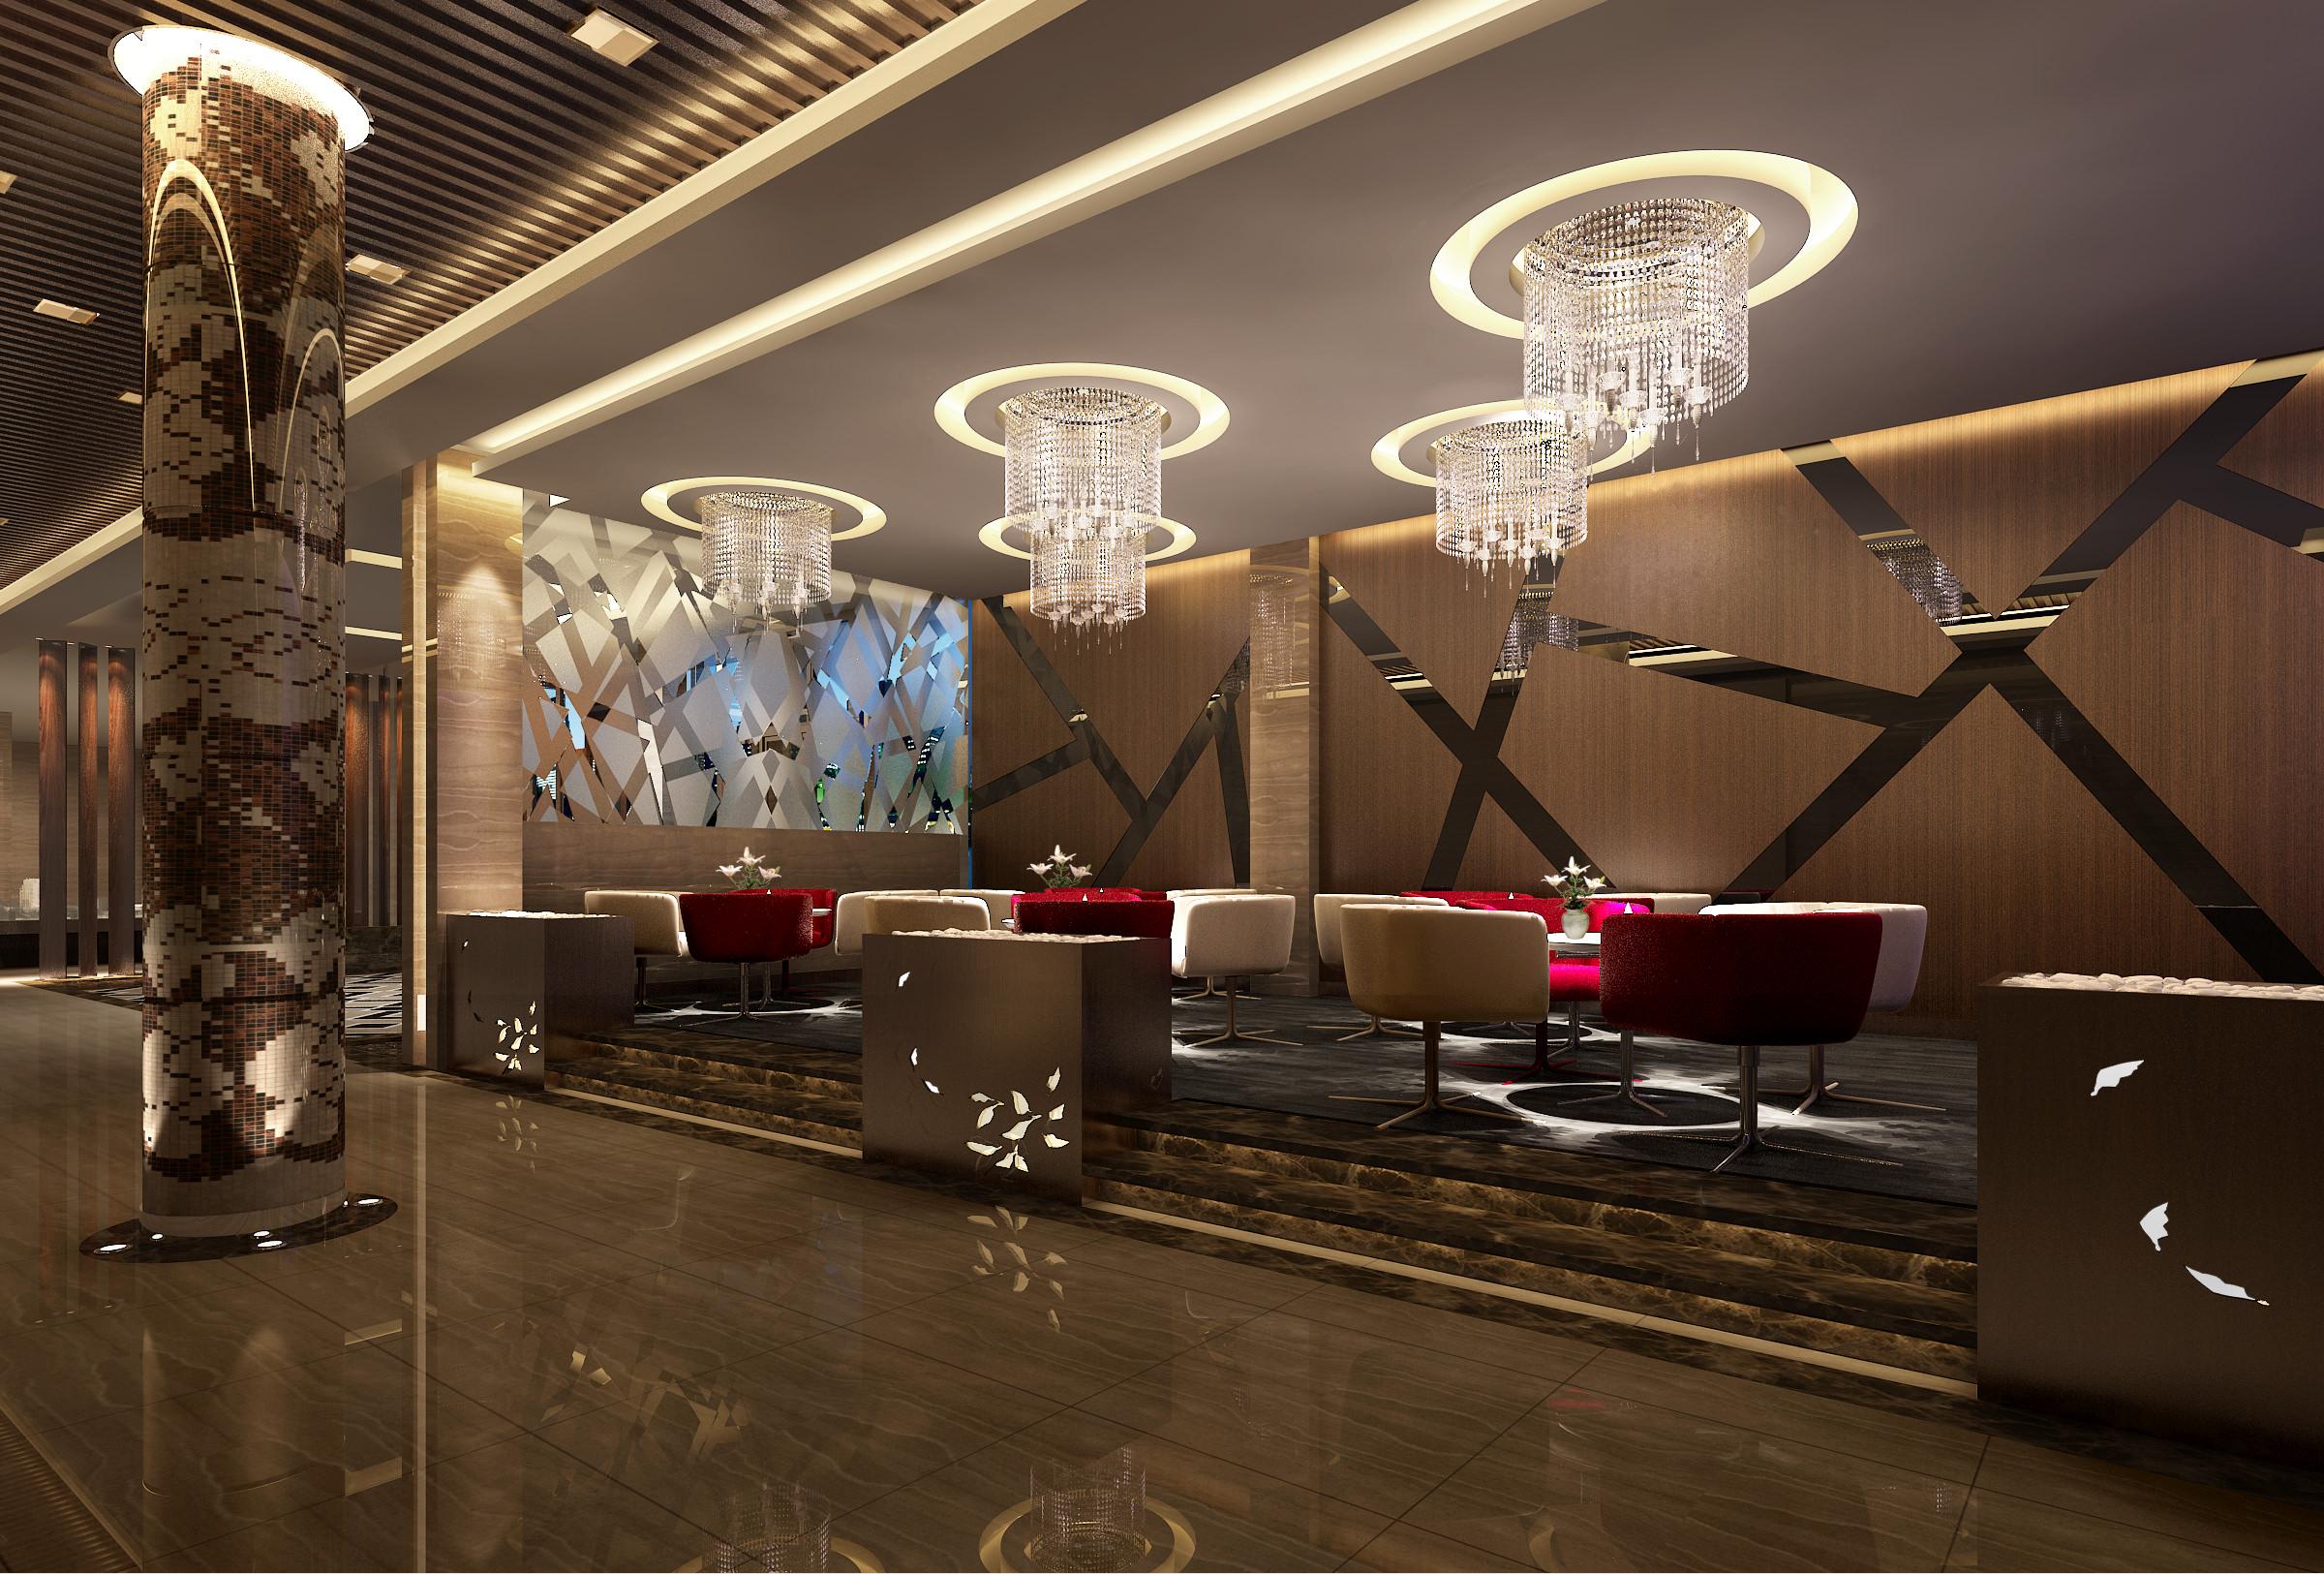 3D Interior Bar